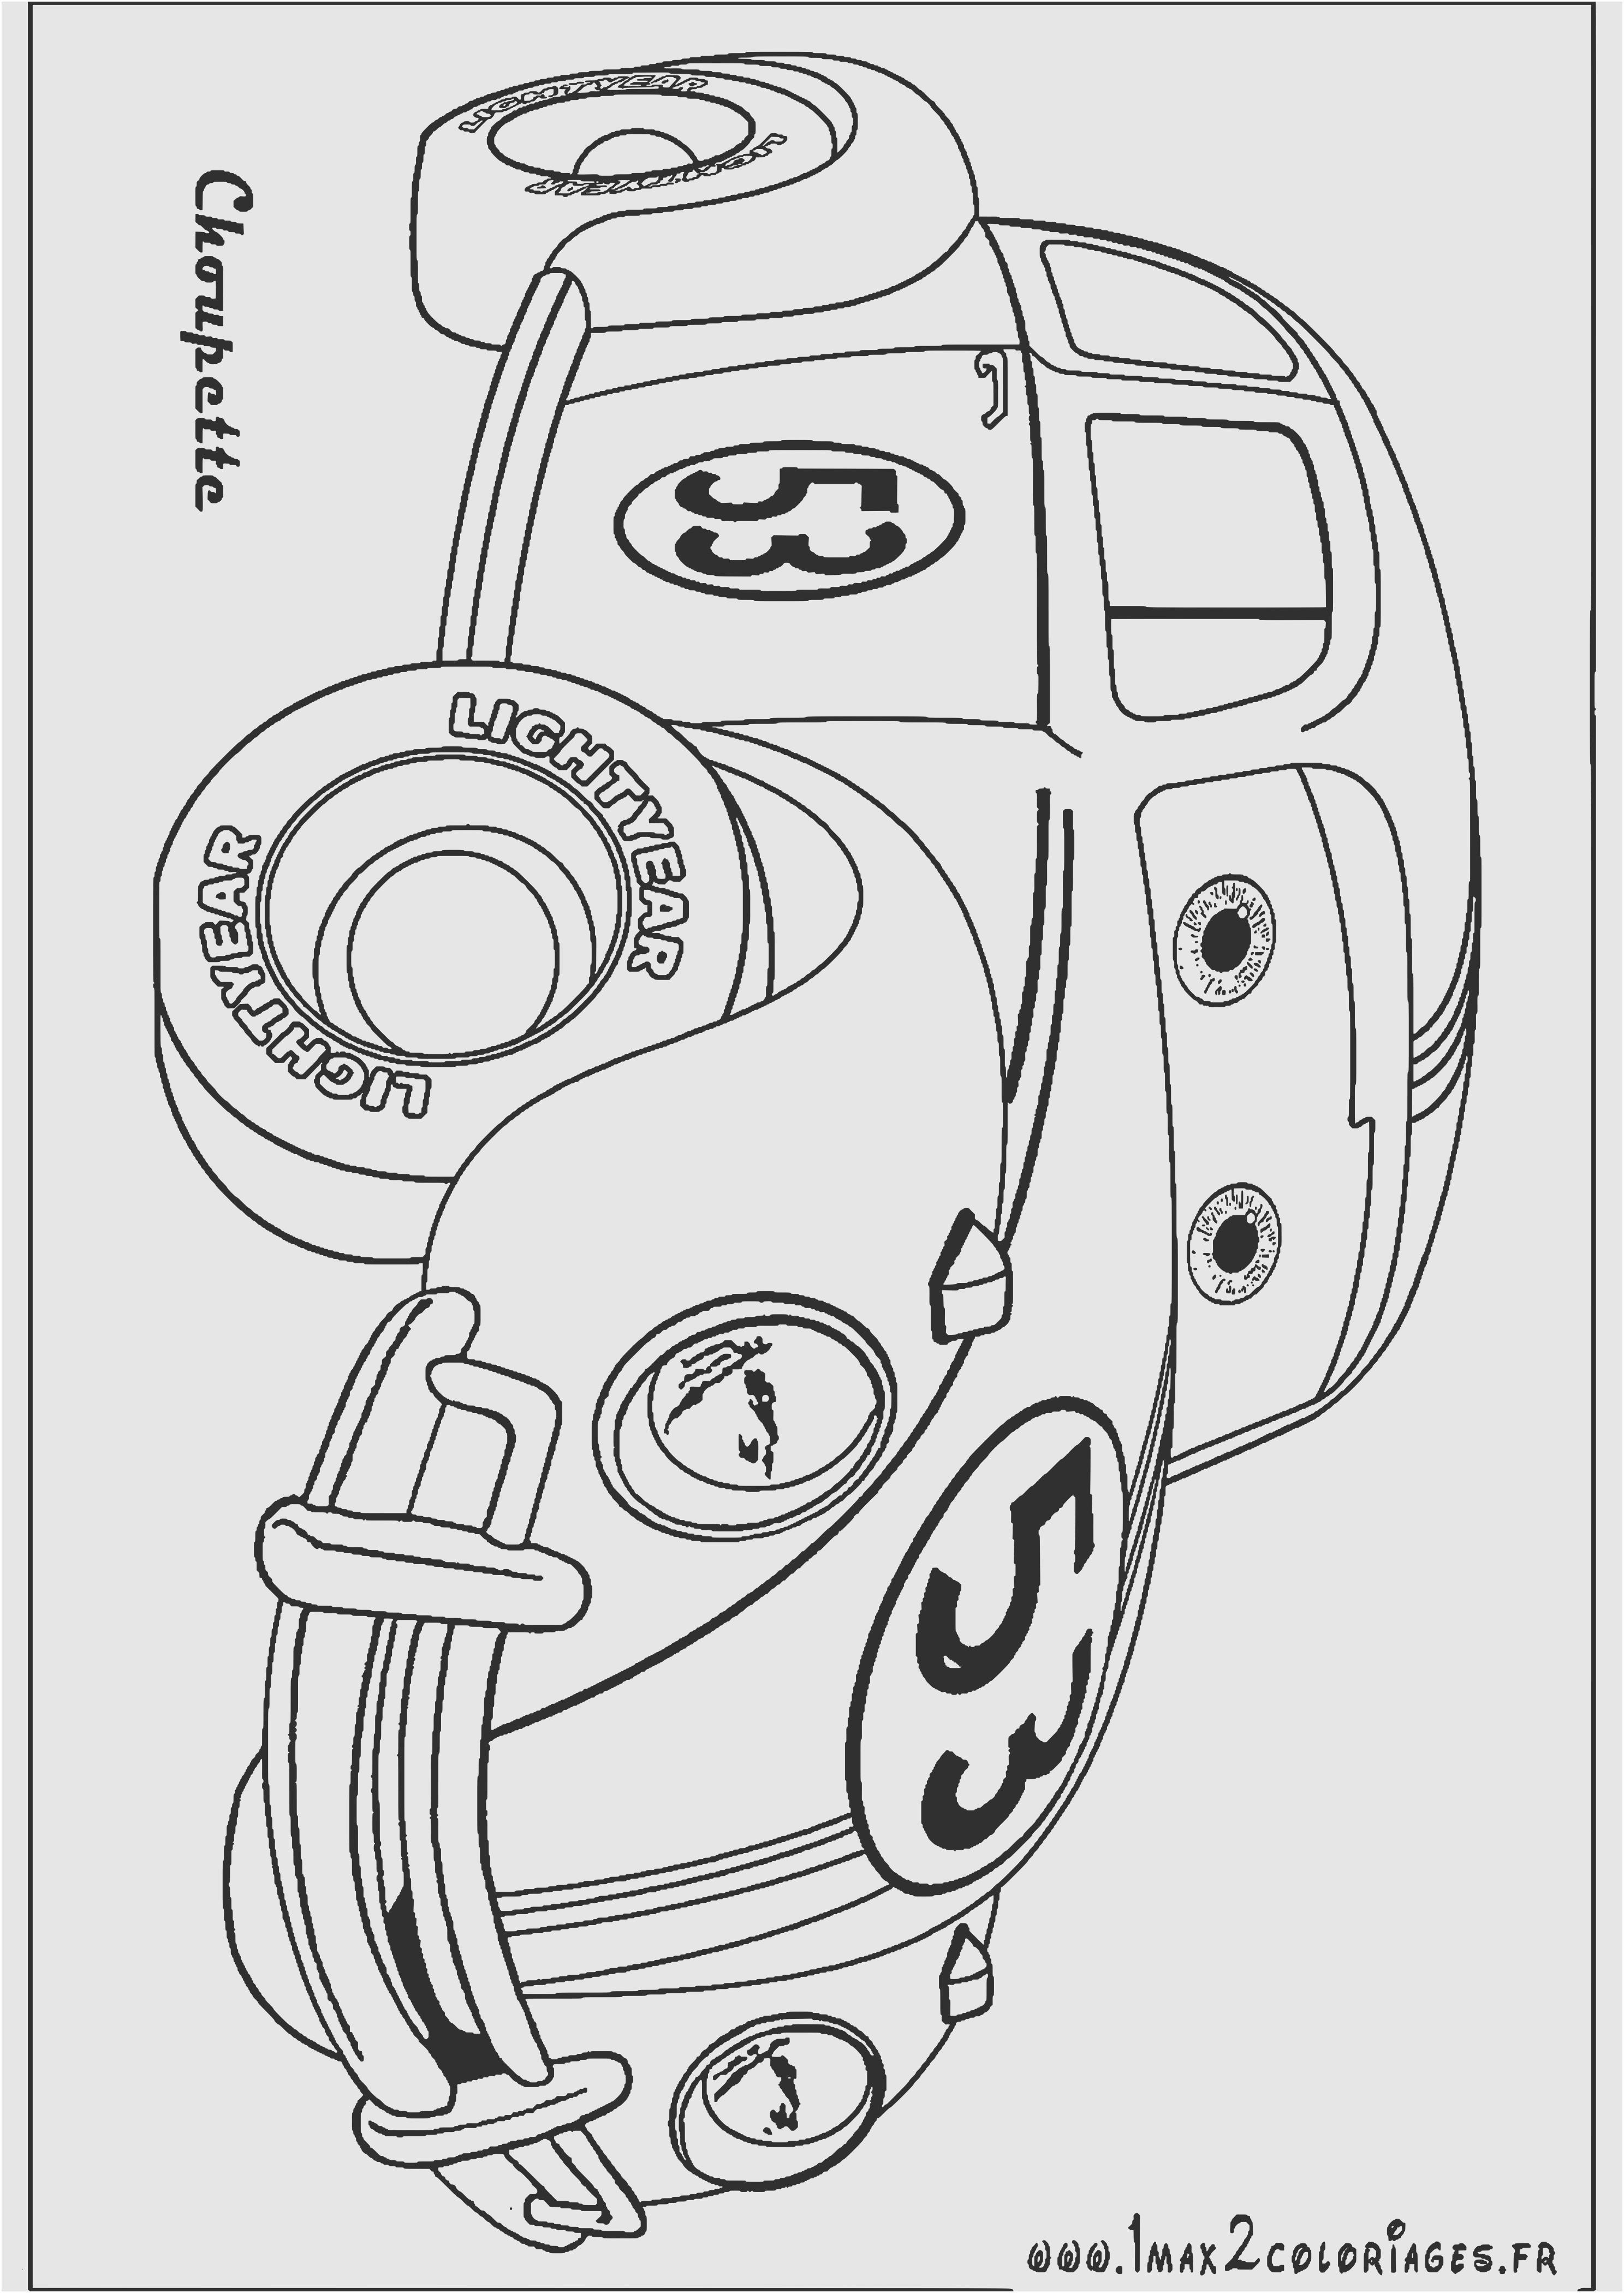 Zug Zum Ausmalen Einzigartig 42 Neu Papagei Ausmalen – Große Coloring Page Sammlung Bilder